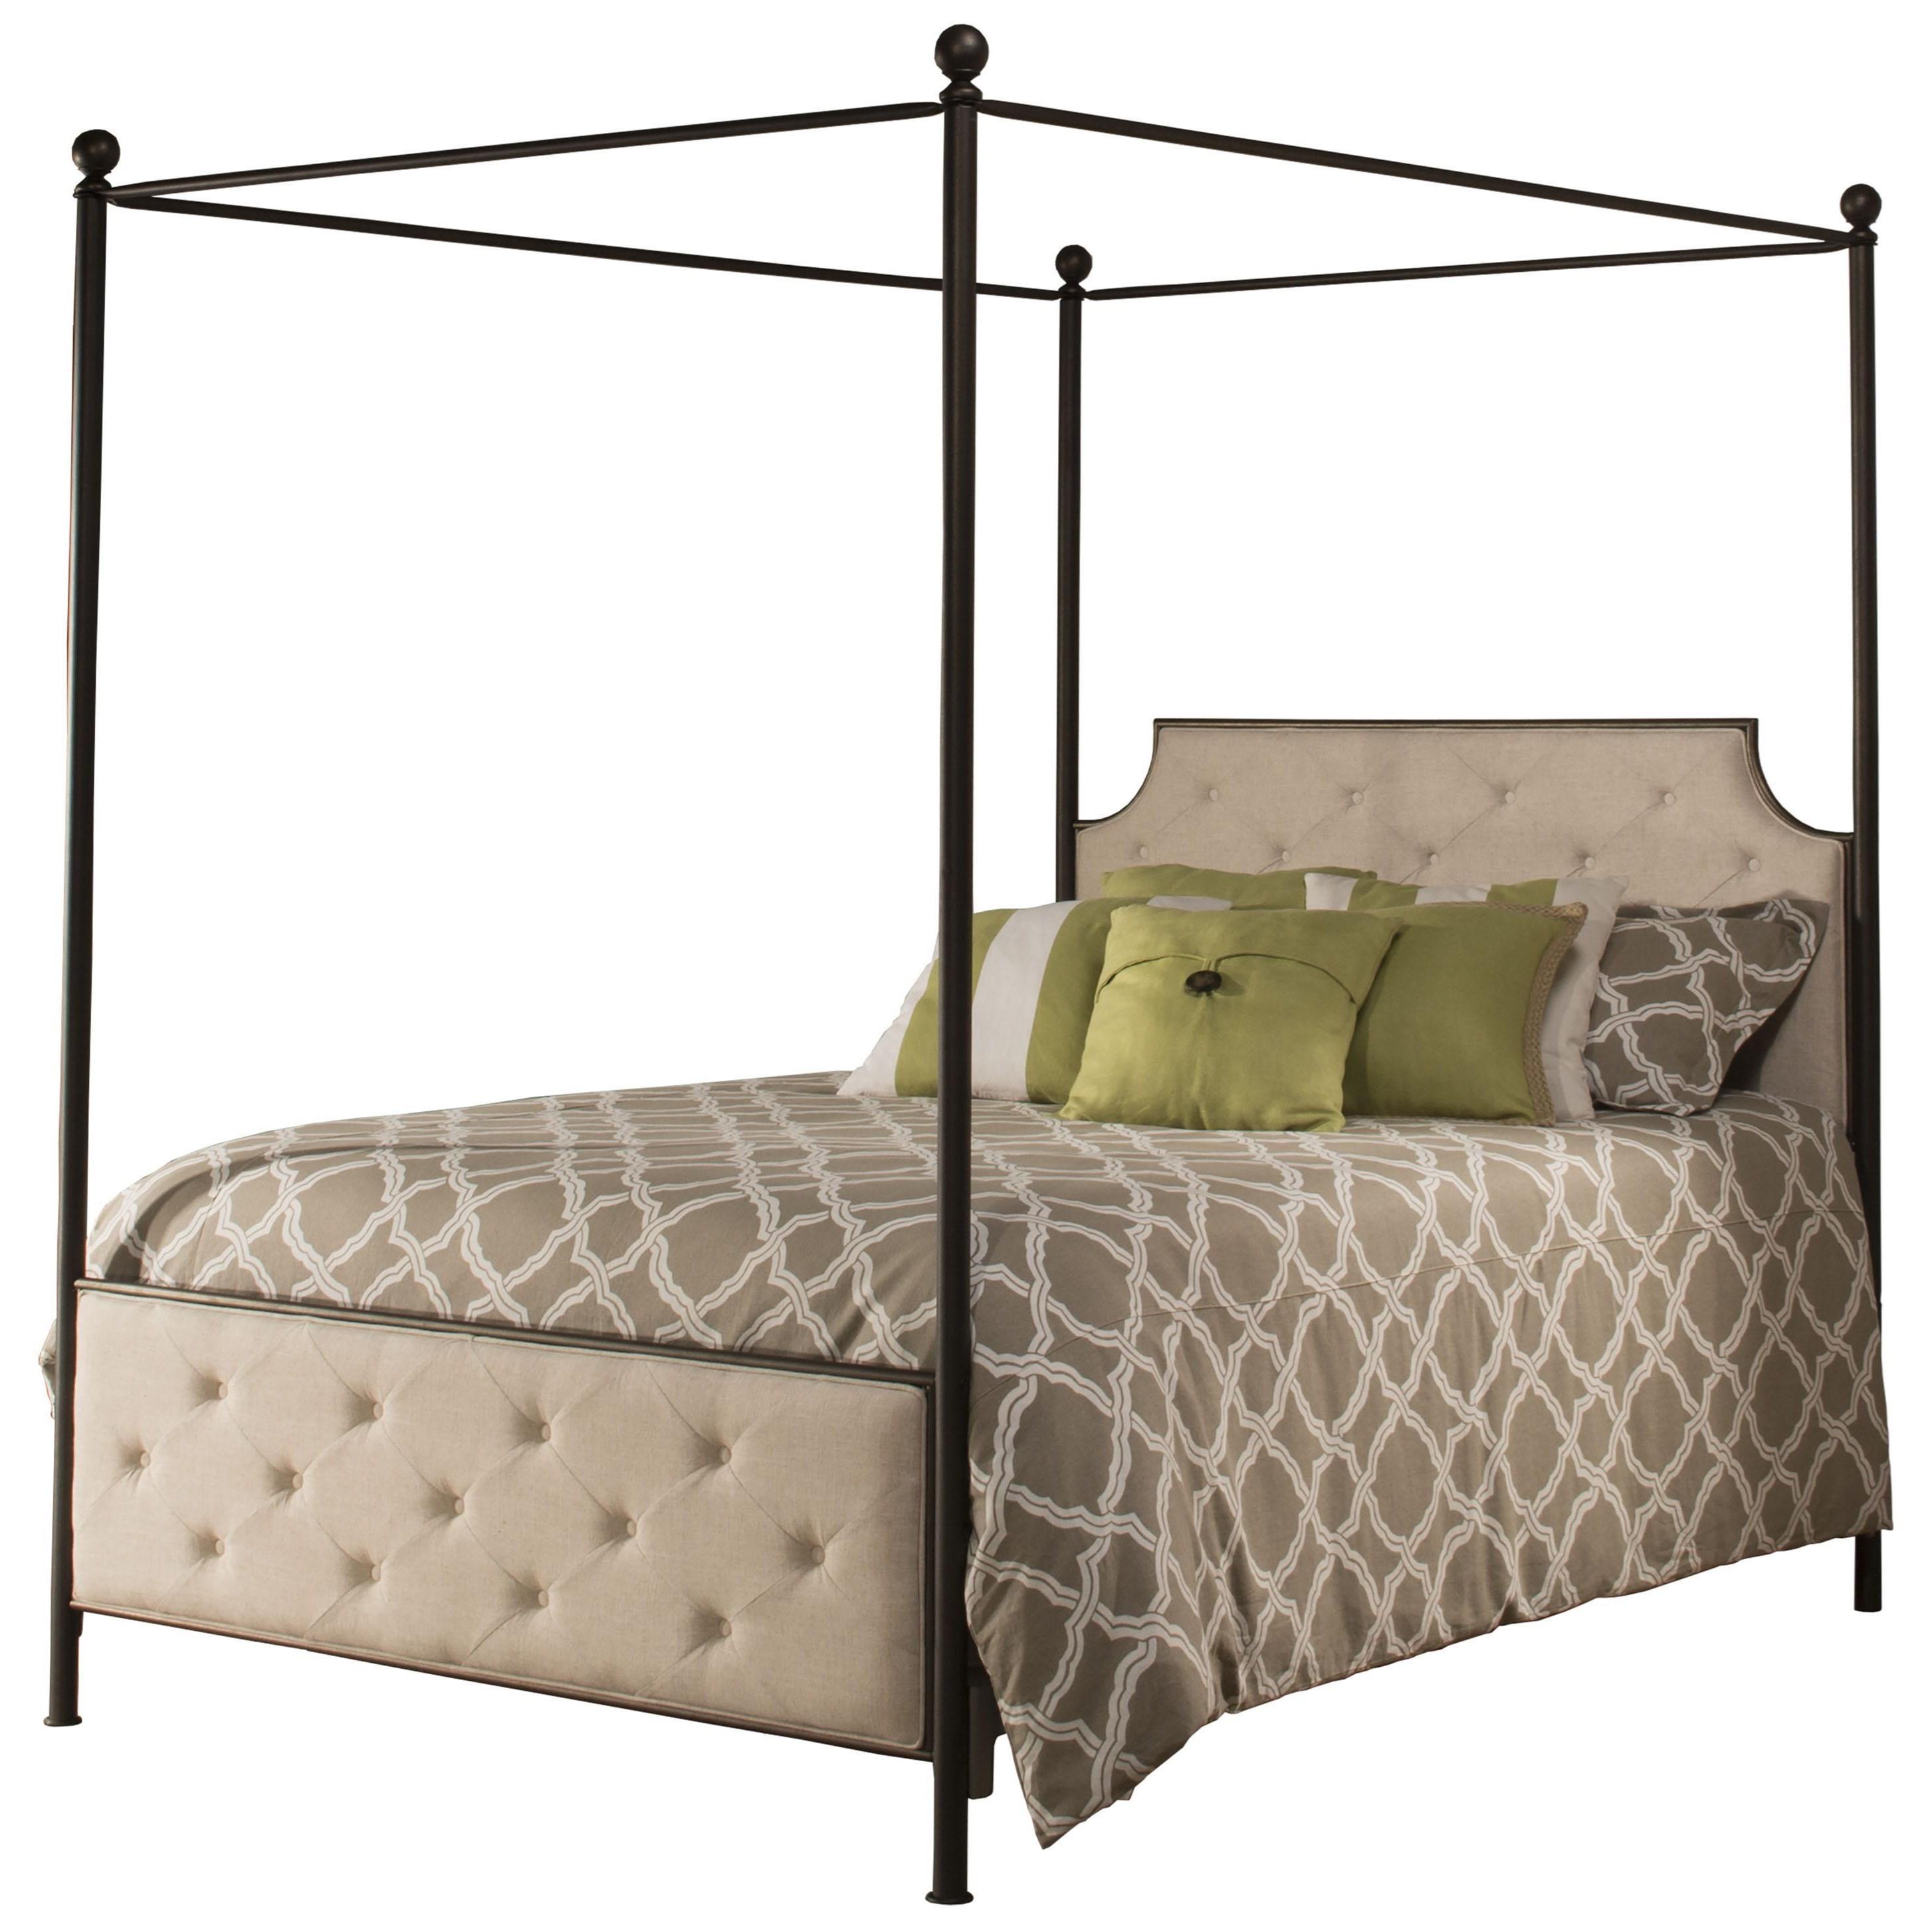 Hillsdale Metal Beds King Bed Set - Rails not Included - Item Number: 1809BKC